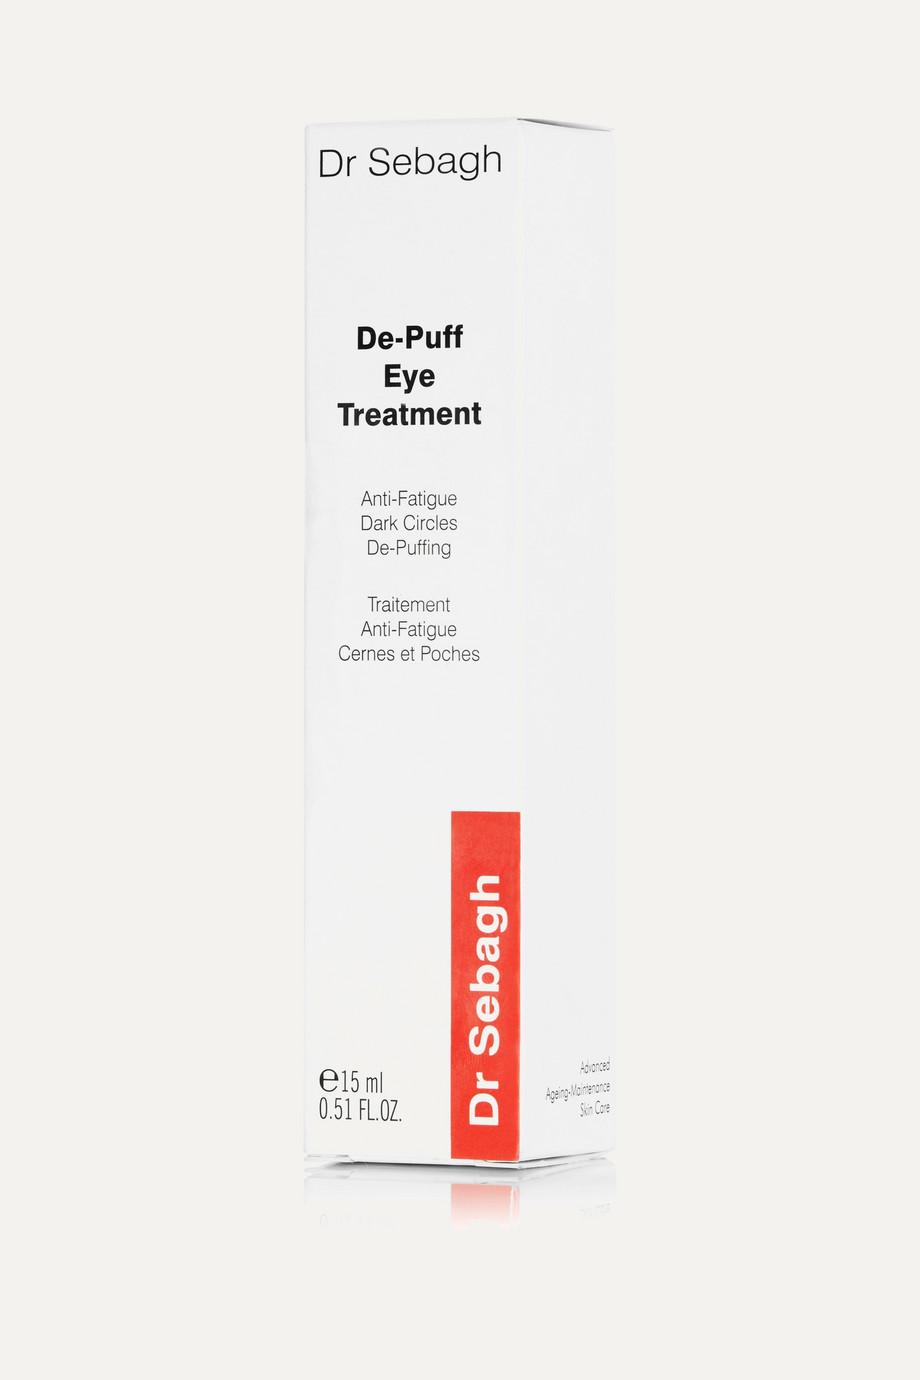 Dr Sebagh Traitement anti-fatigue cernes et poches, 15 ml